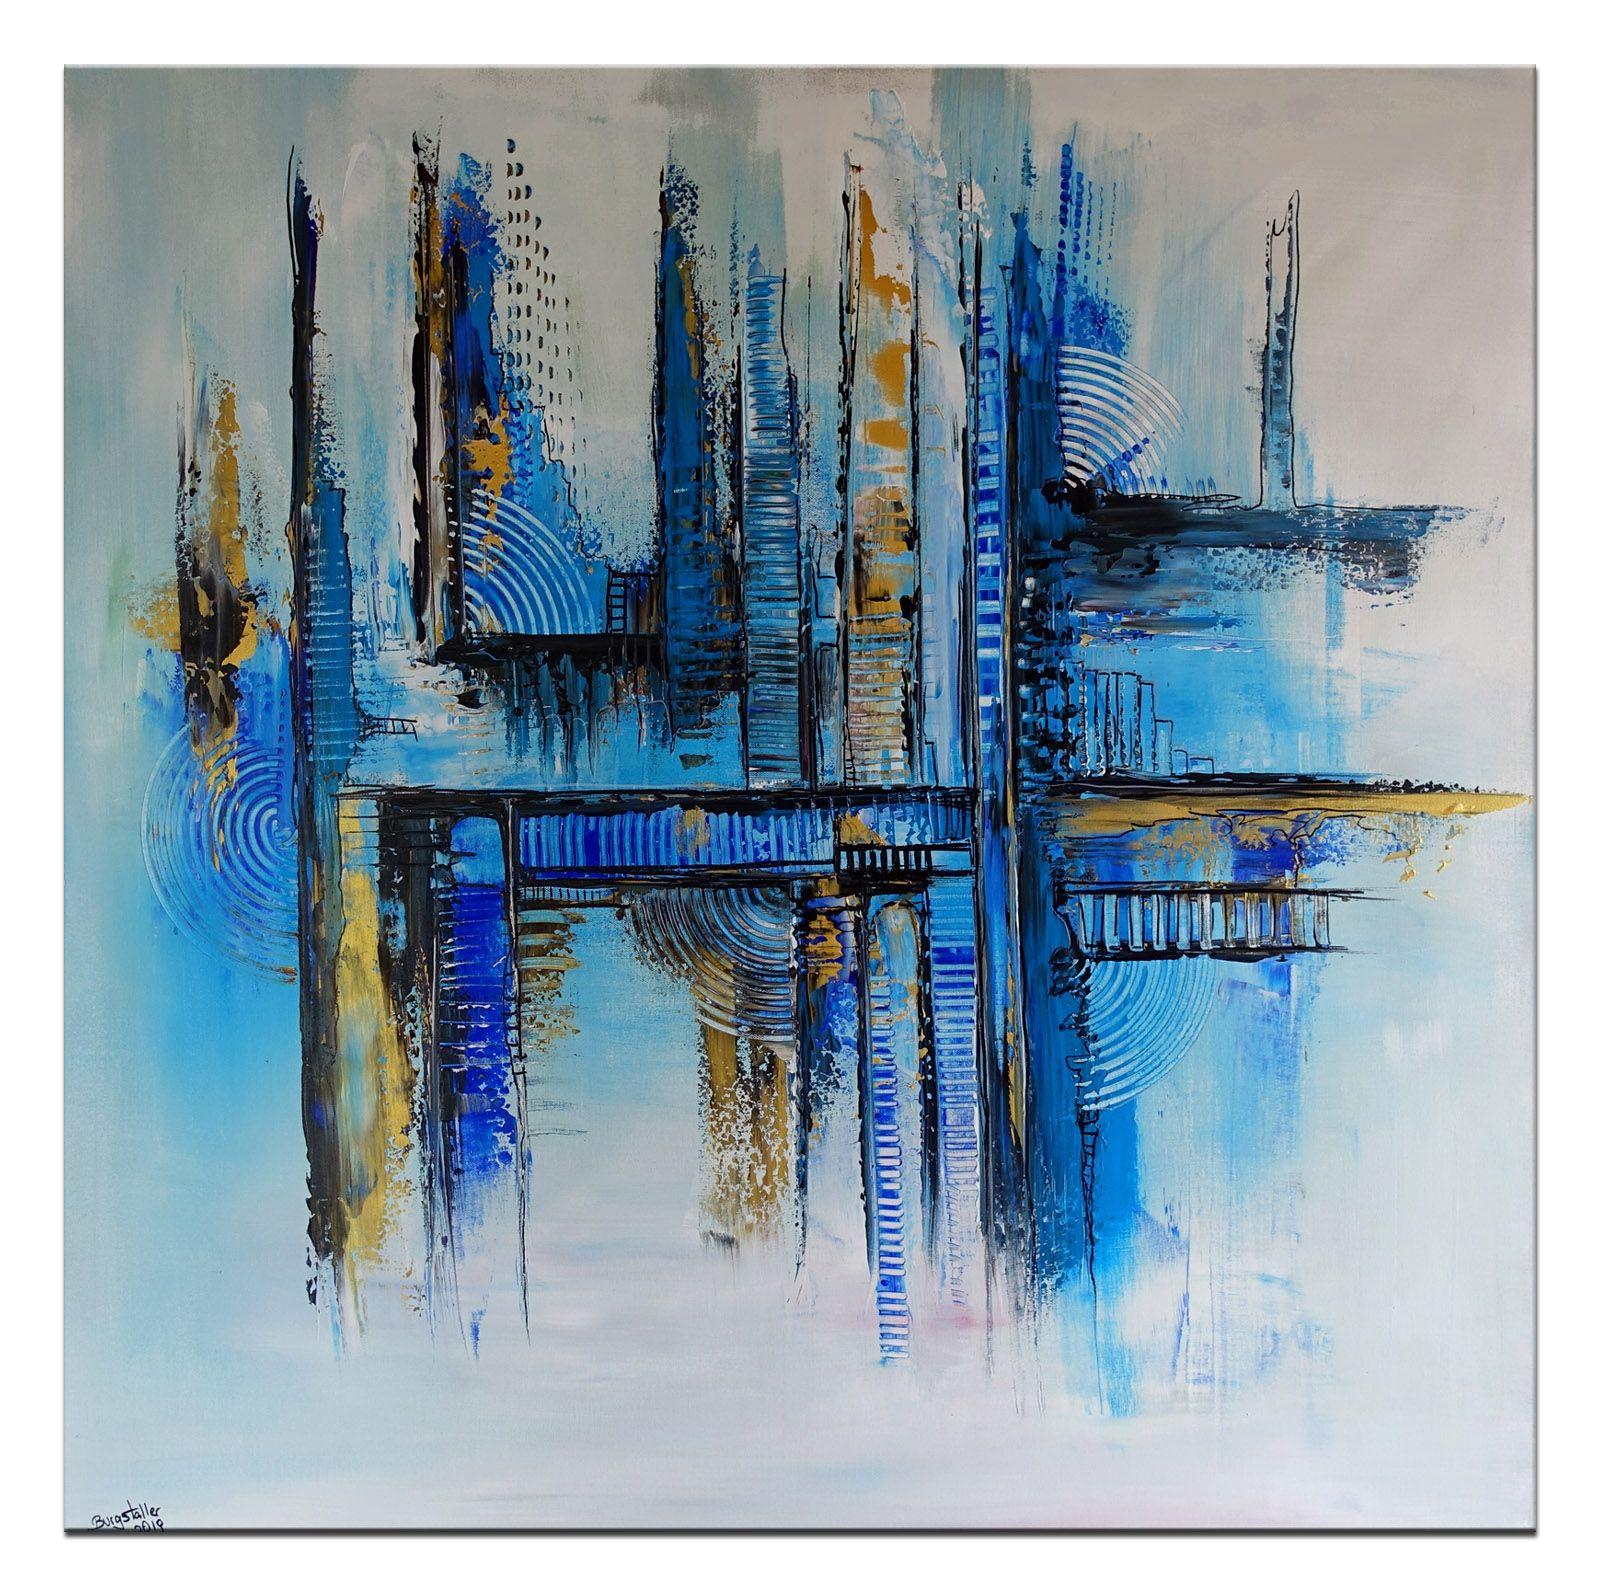 abstraktes leinwandbild blau gold wandbild abstrakt gemalde leinwandbilder bild schwarz weiß abstrakte kunst wohnzimmer